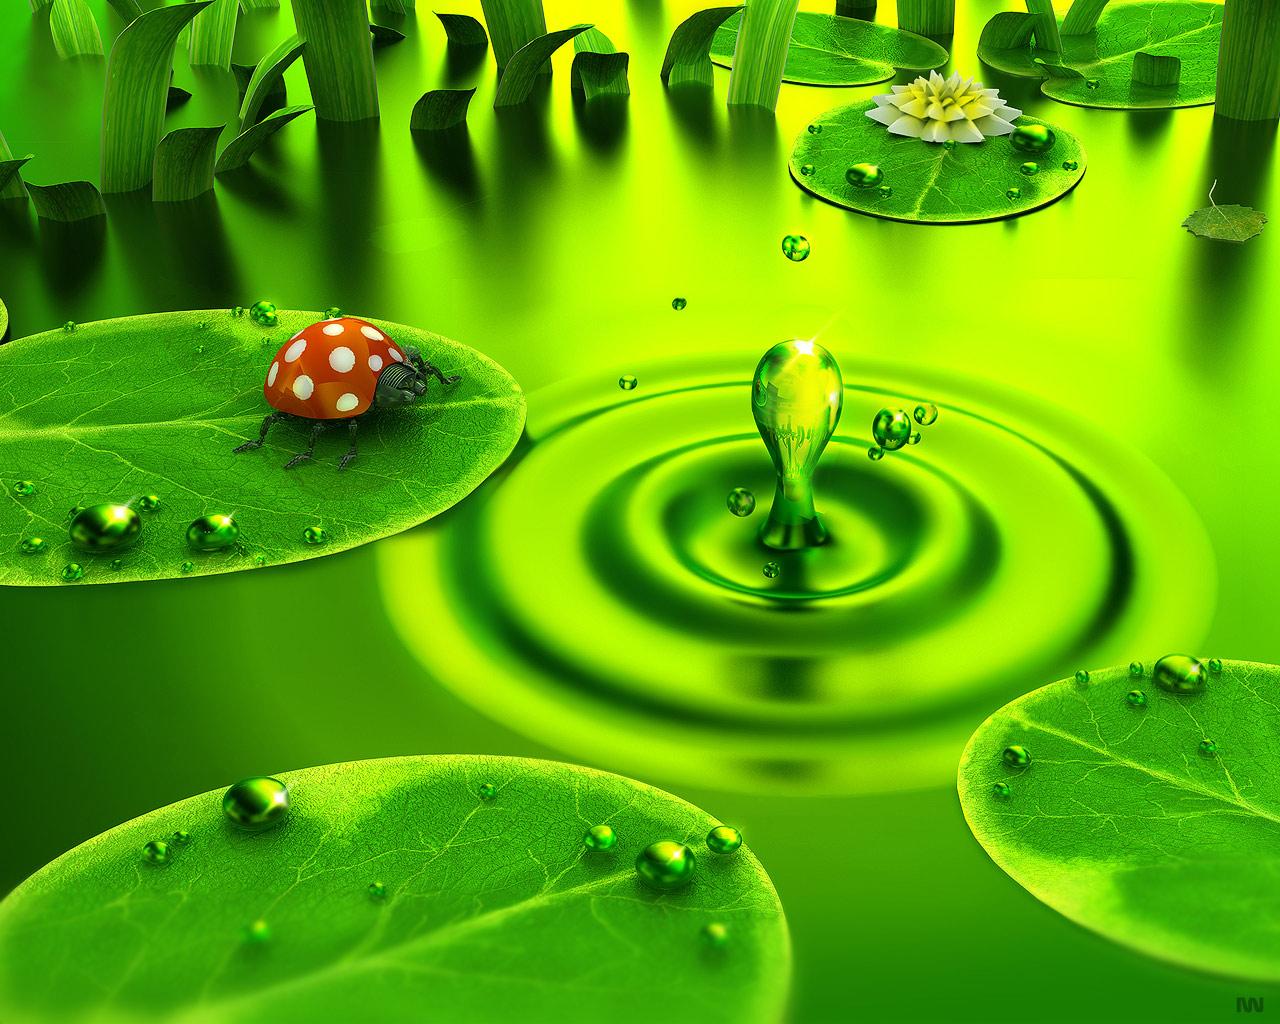 http://4.bp.blogspot.com/-pqzLbxsV0d0/TdtUrqDszjI/AAAAAAAAAAg/Tm4KgE2wQ_U/s1600/Digital-Art-Wallpaper-%2B_15_.jpg